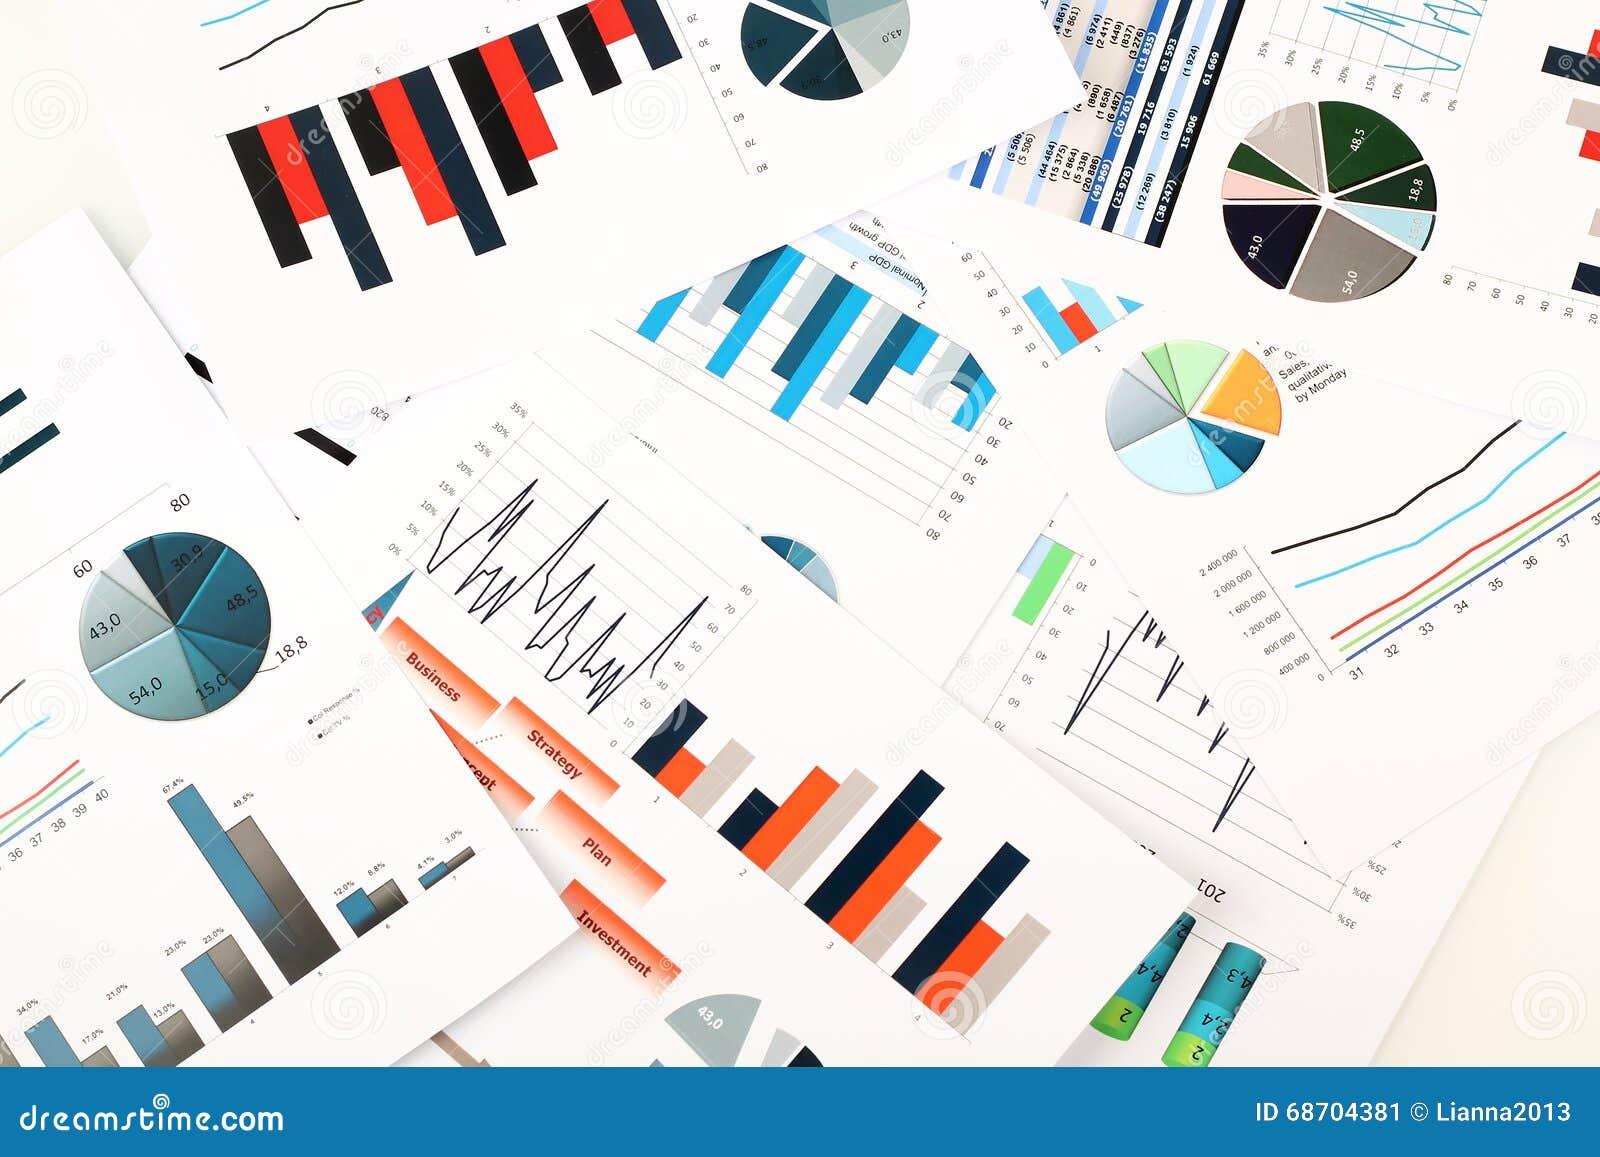 Gráficos, cartas, estudio de mercados y fondo coloridos del informe anual del negocio, proyecto de la gestión, planeamiento del p